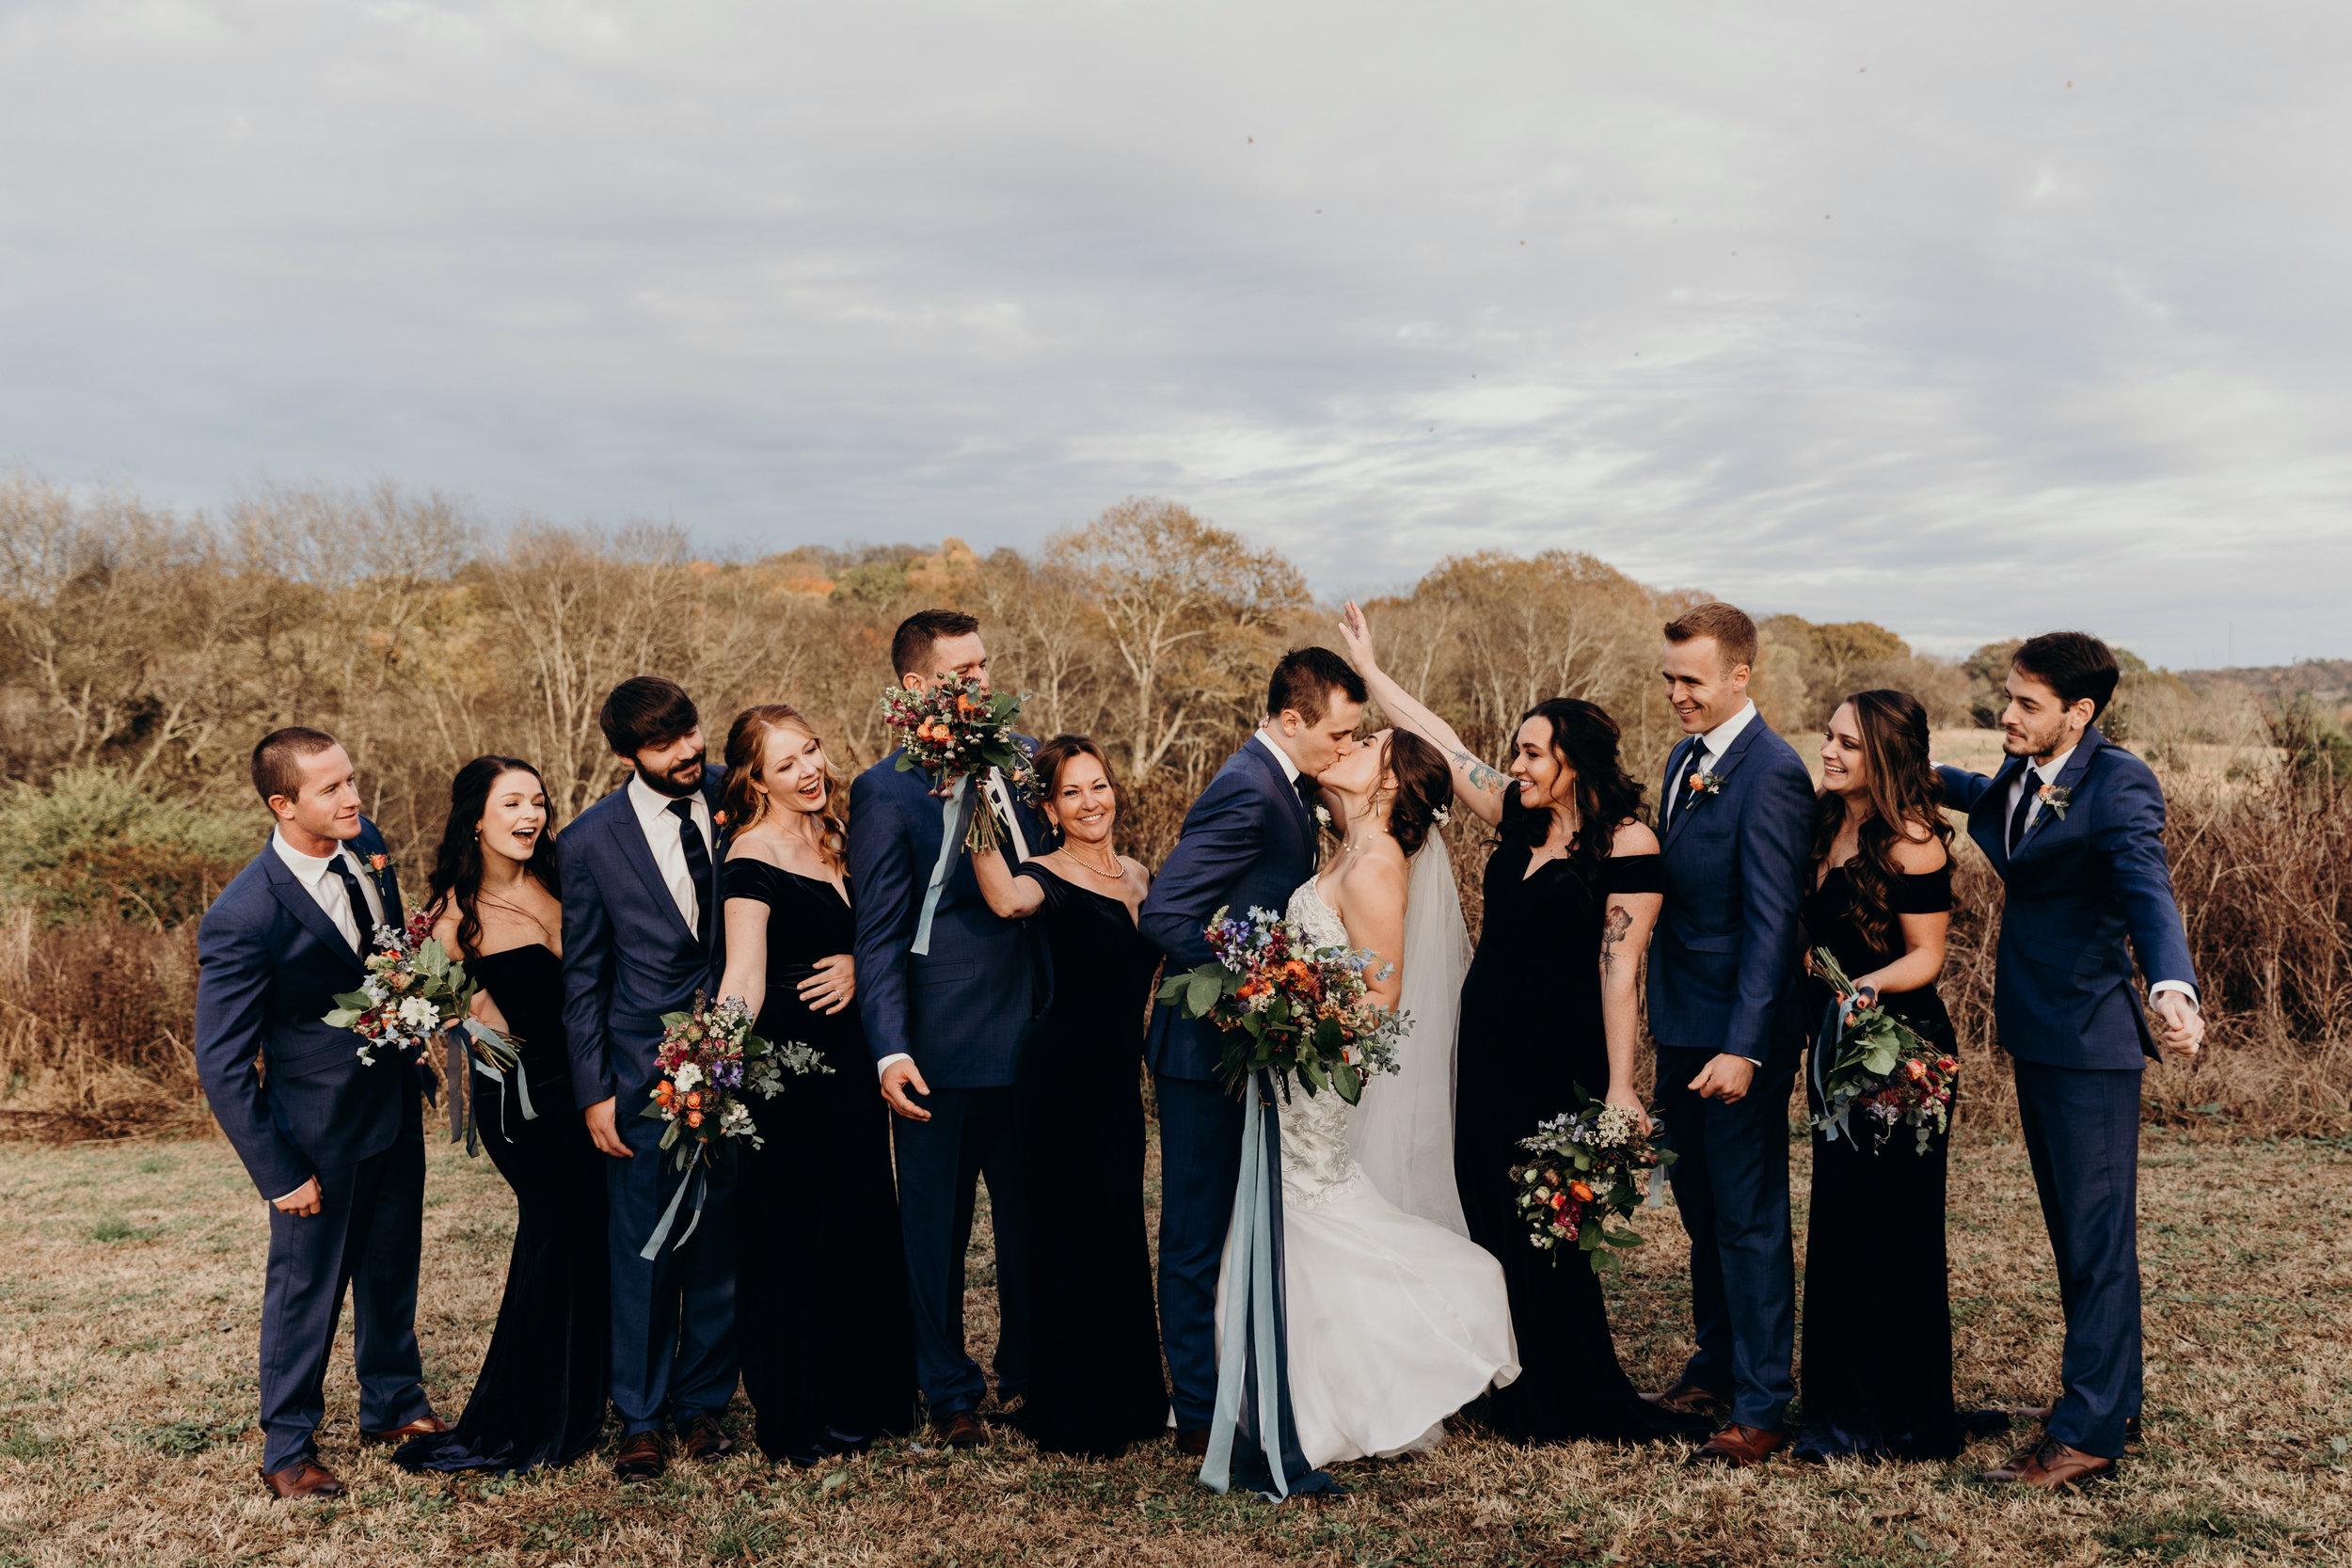 391-ltw-morgan-adam-wedding.jpg